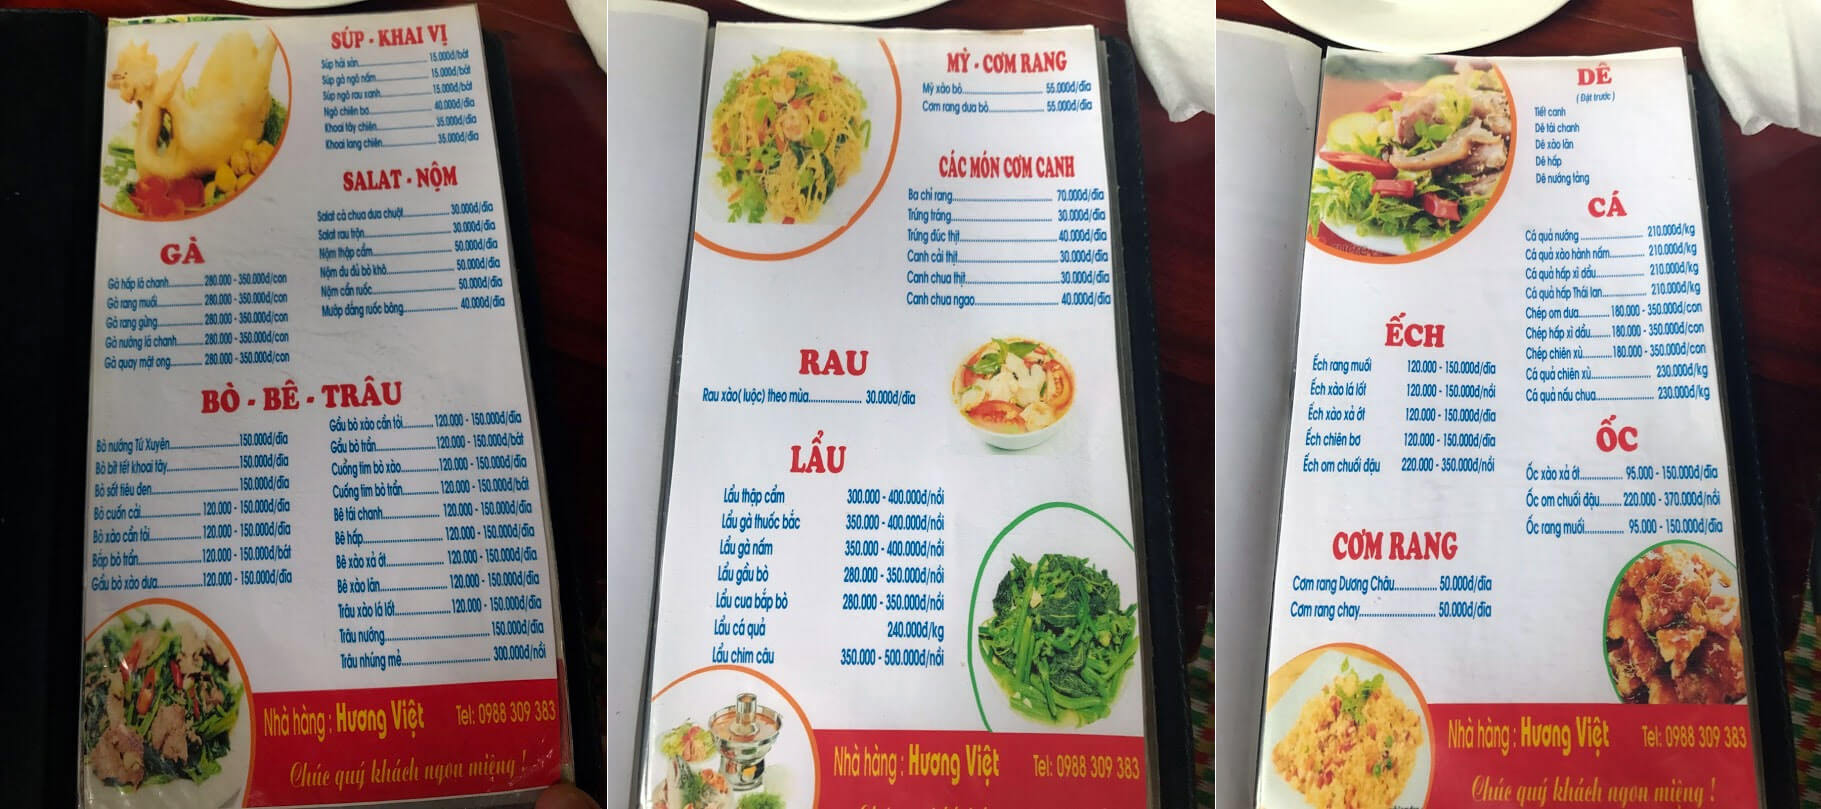 Đây là Menu nhà hàng Hương Việt Nhé (Cuối năm 2017)